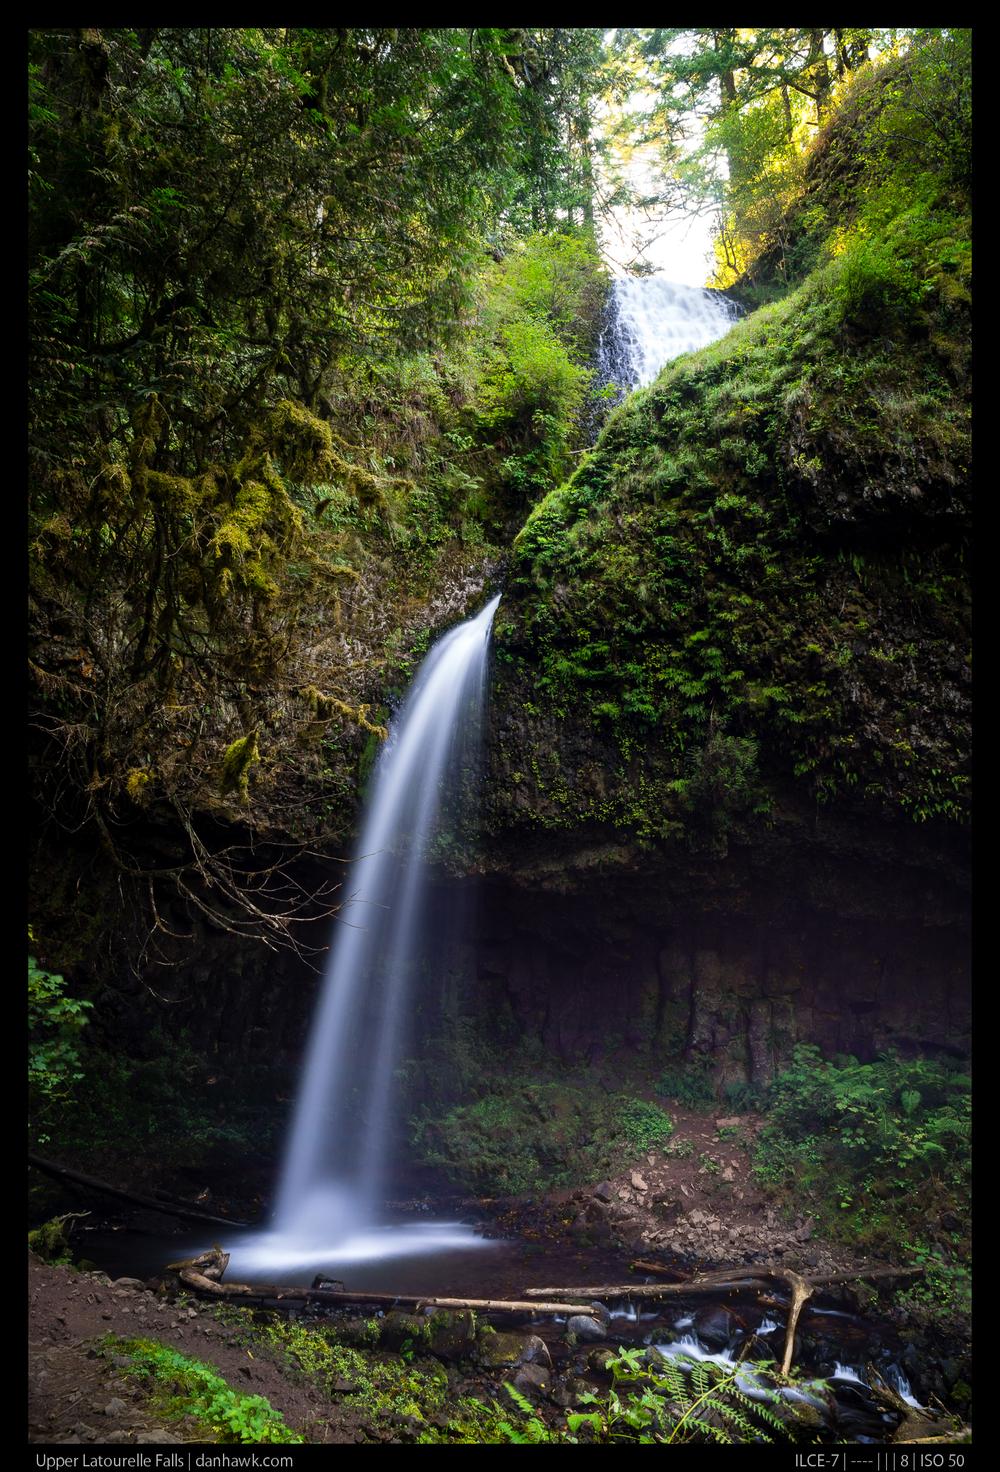 Upper Latourelle Falls